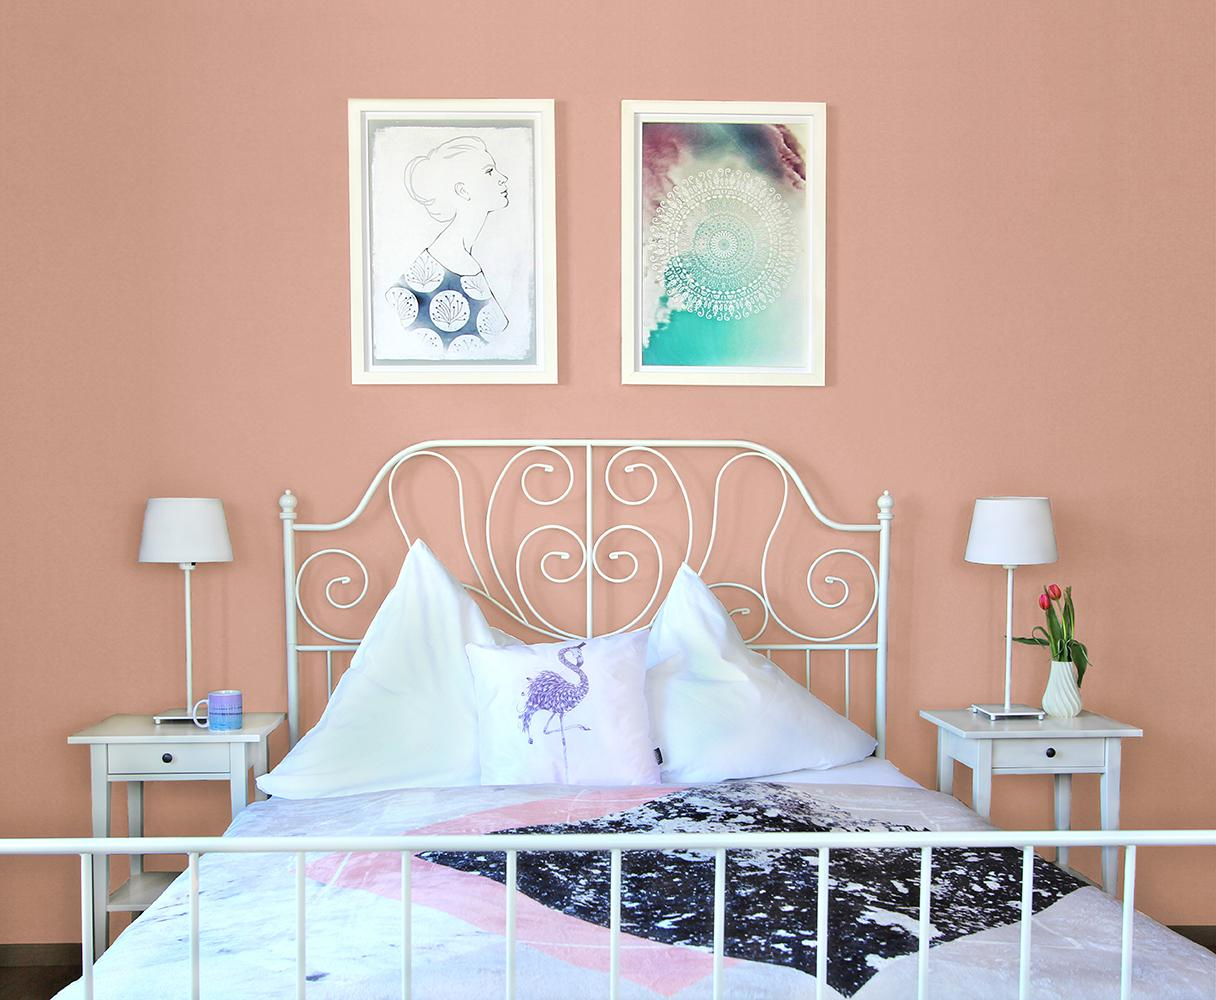 Schlafzimmer wandgestaltung bilder ideen couch for Zimmergestaltung ideen